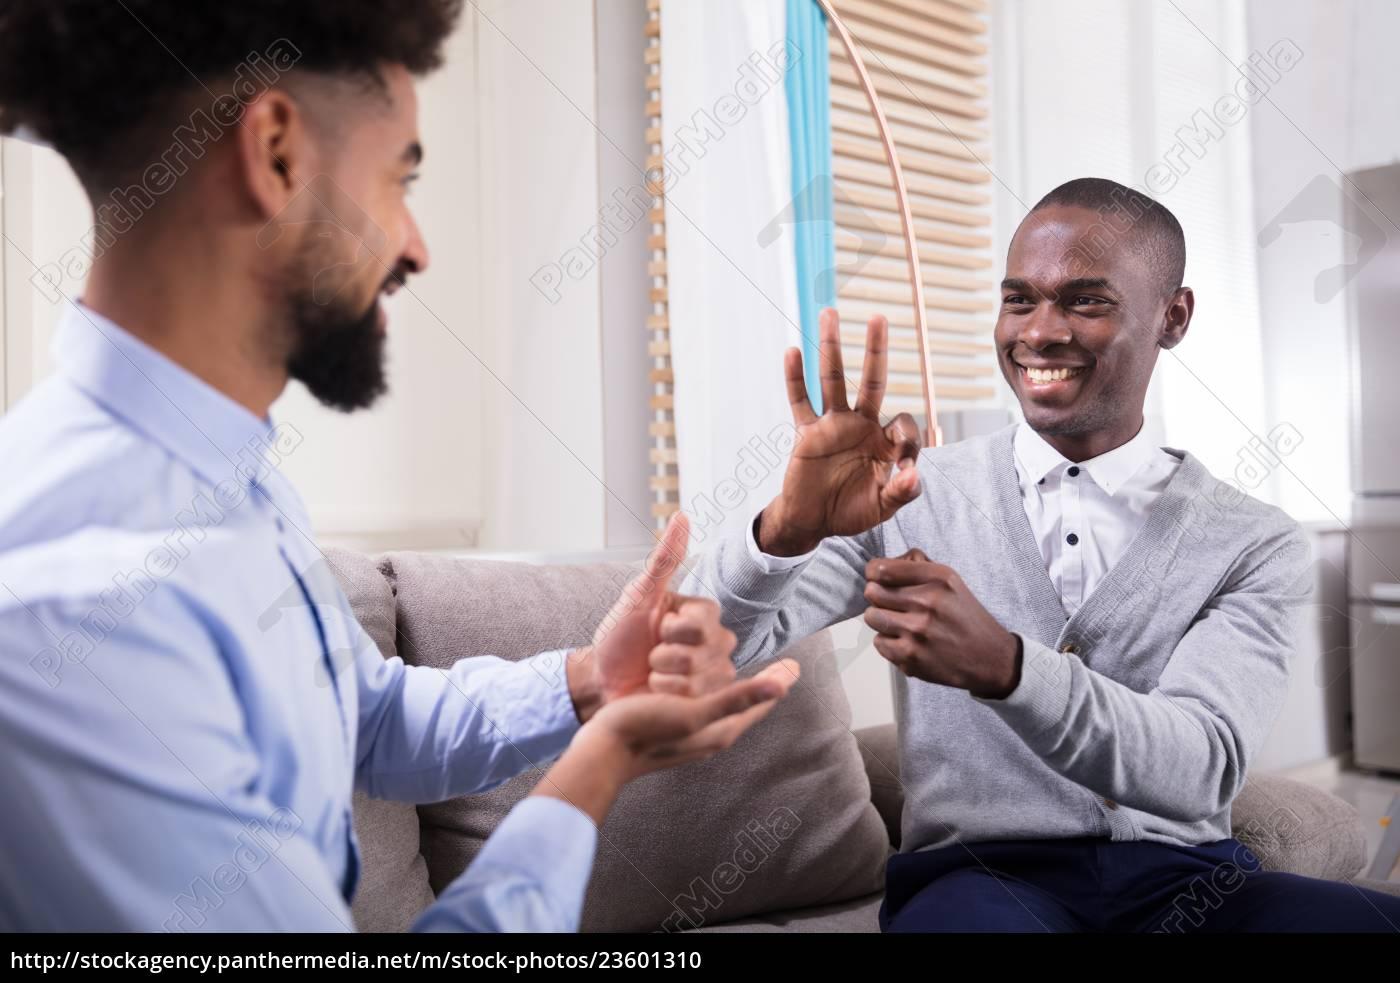 two, happy, men, making, sign, language - 23601310